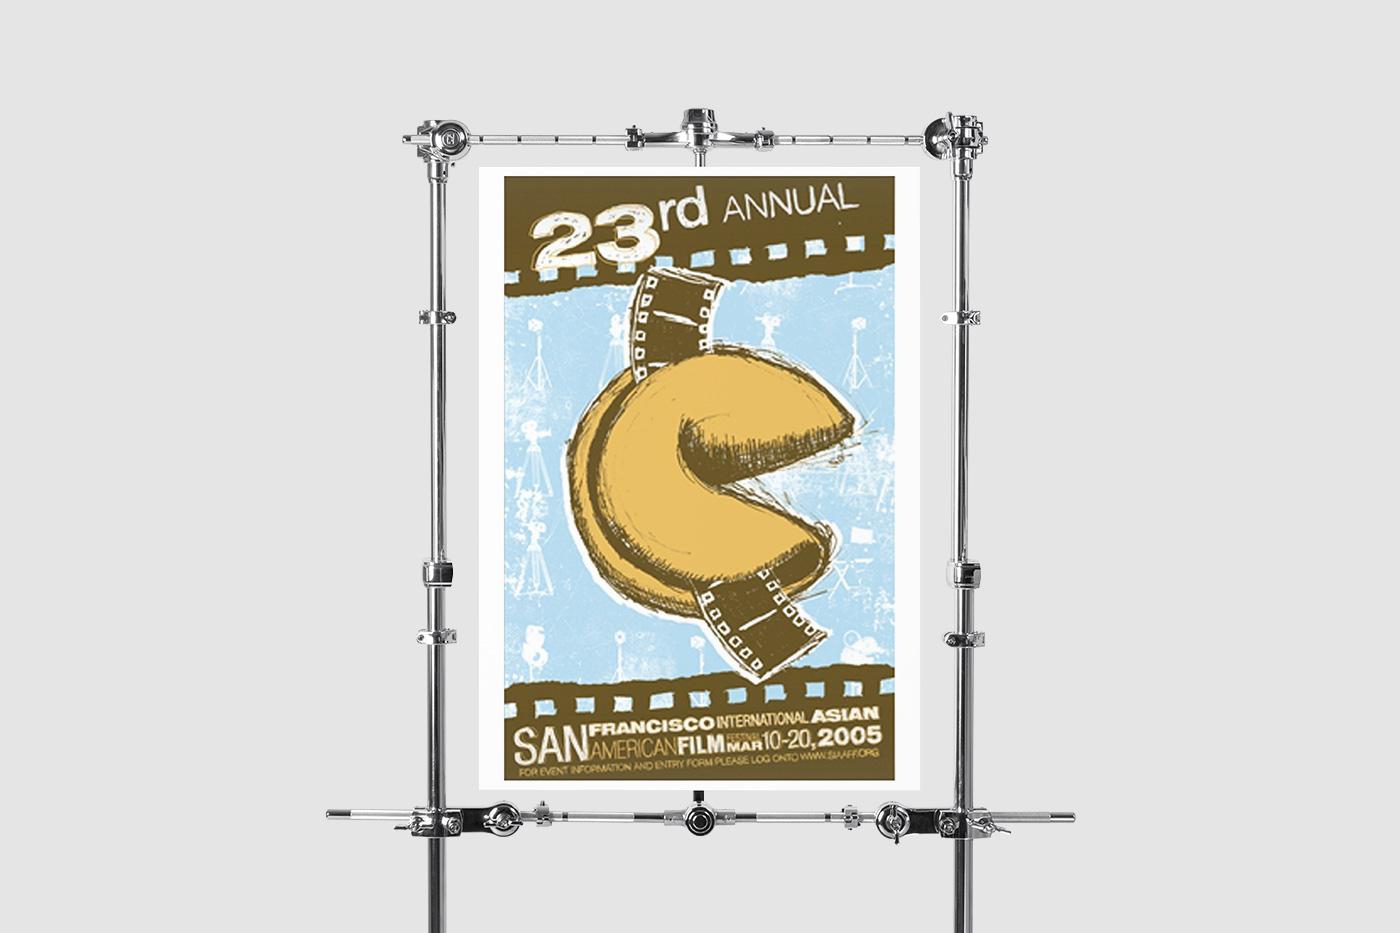 Film_Festival.jpg